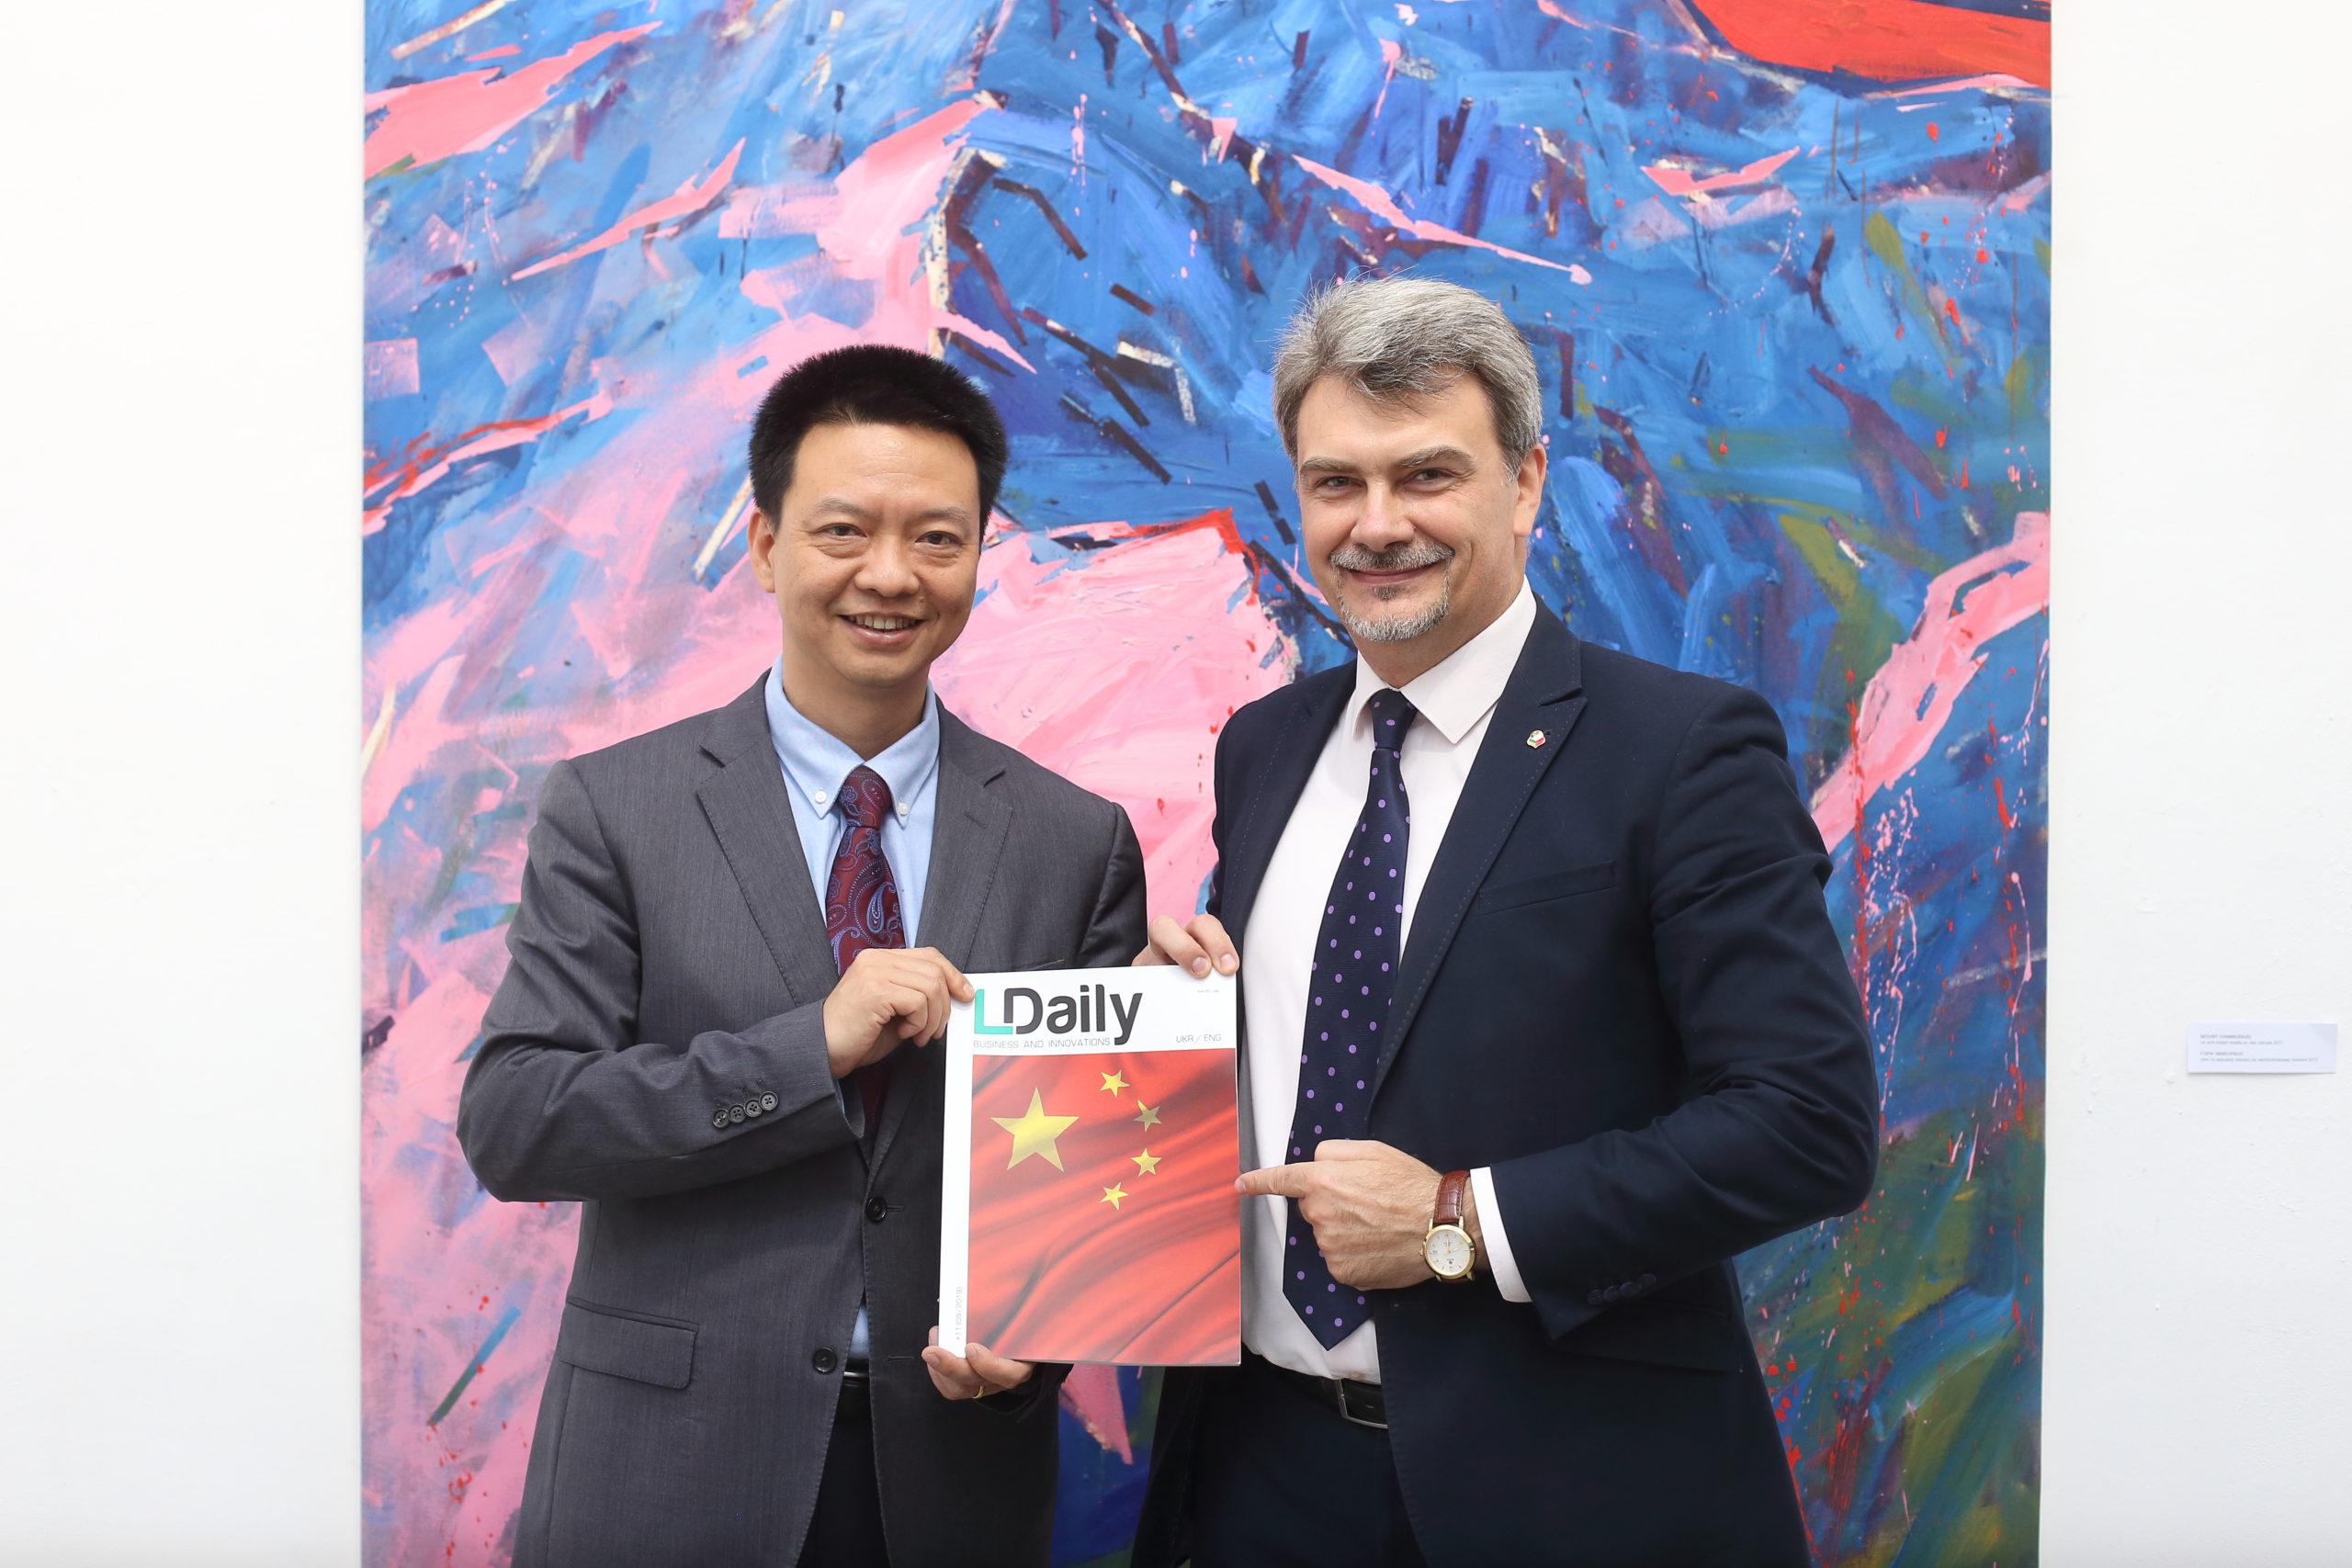 Презентація журналу, присвяченого 70-річчю створення Китайської Народної Республіки